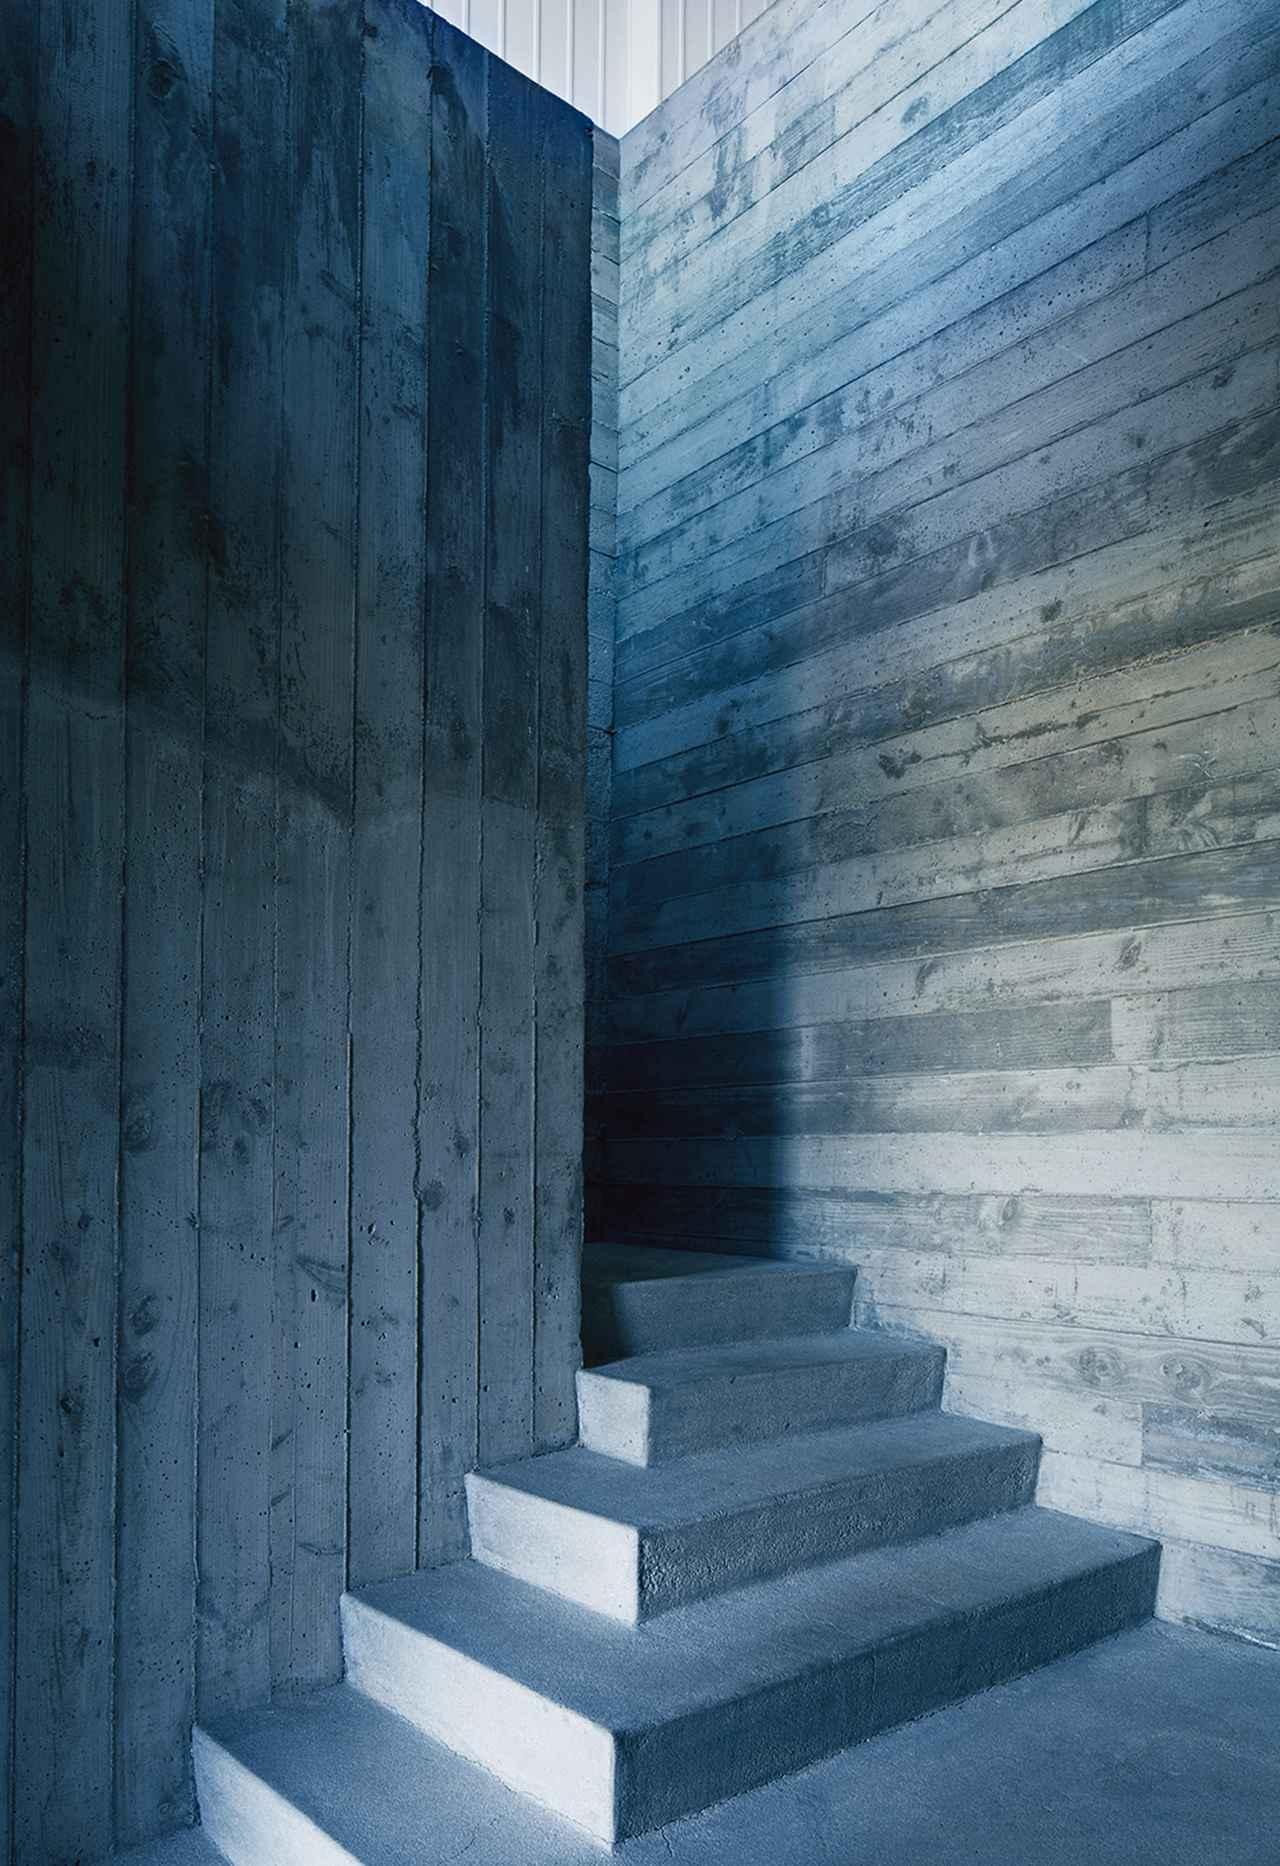 Images : 2番目の画像 - 「幻のエロチカ映画の制作基地が 夢のカリフォルニア・ハウスへ 生まれ変わる物語」のアルバム - T JAPAN:The New York Times Style Magazine 公式サイト